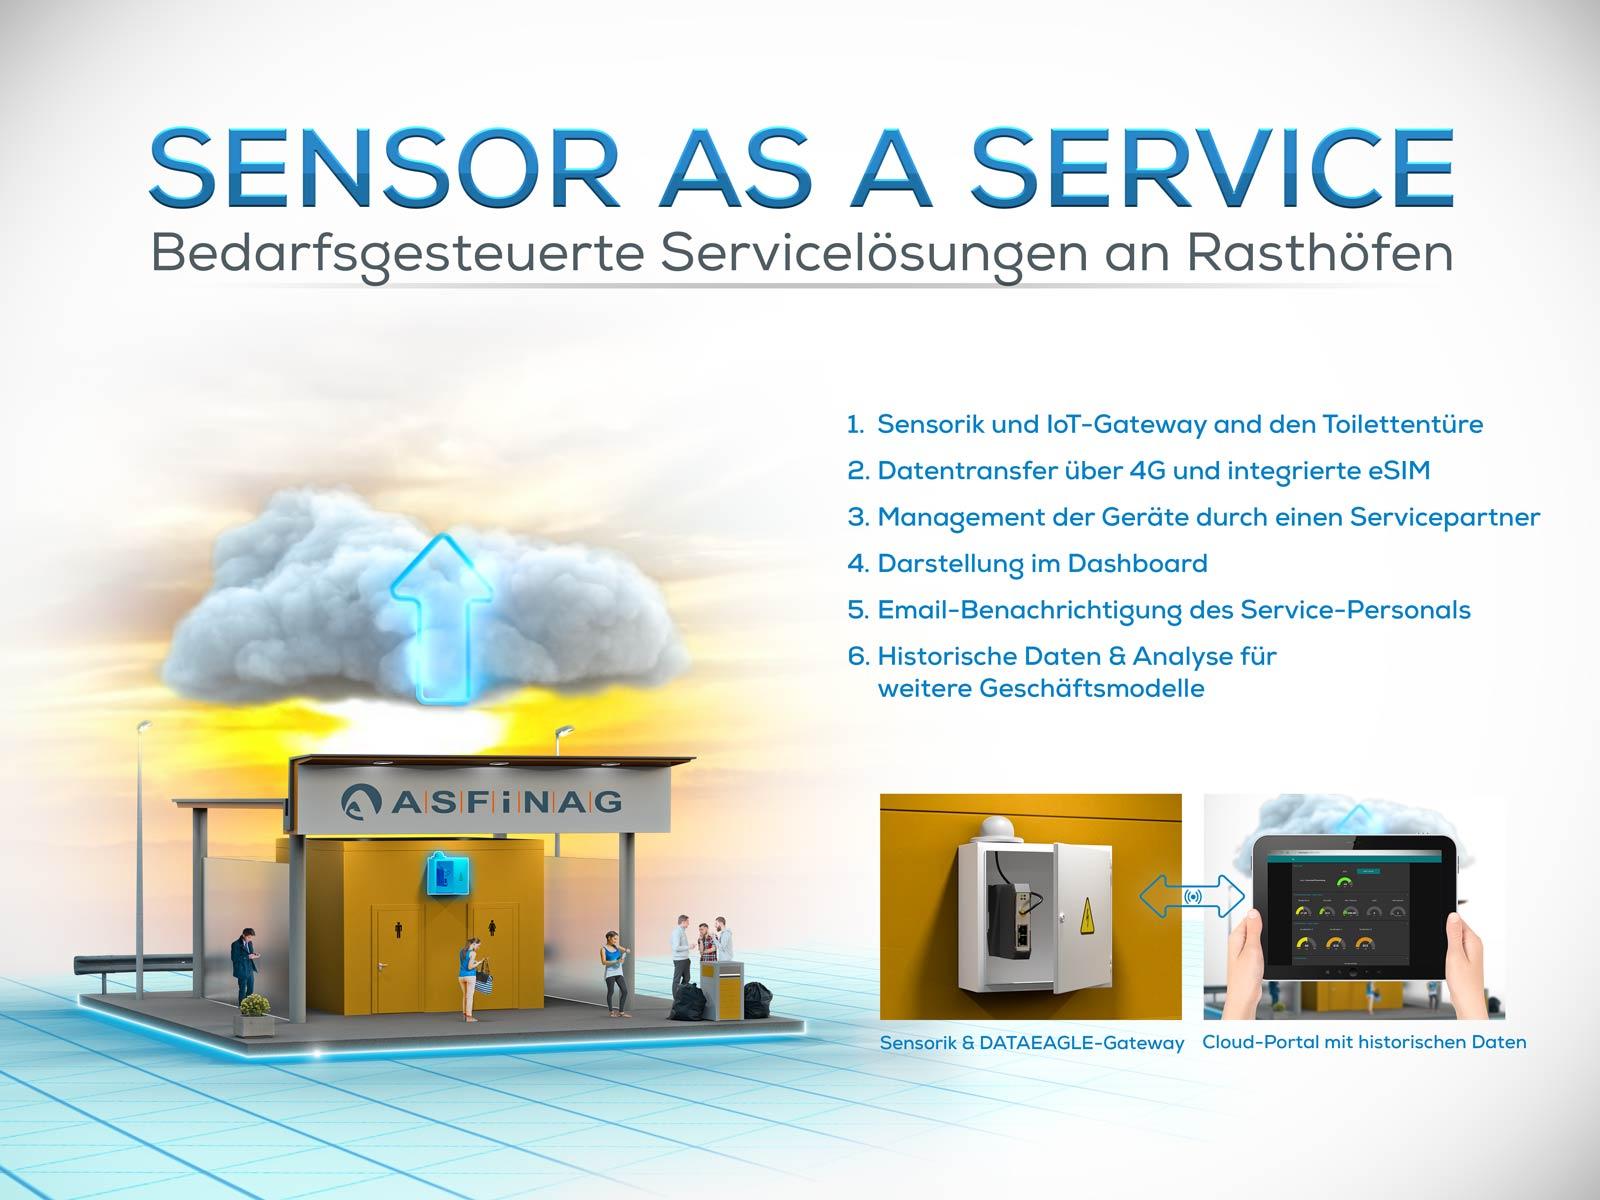 Sensor as a Service Business Modell: Bedarfsgesteuerte Servicelösungen an Rasthöfen